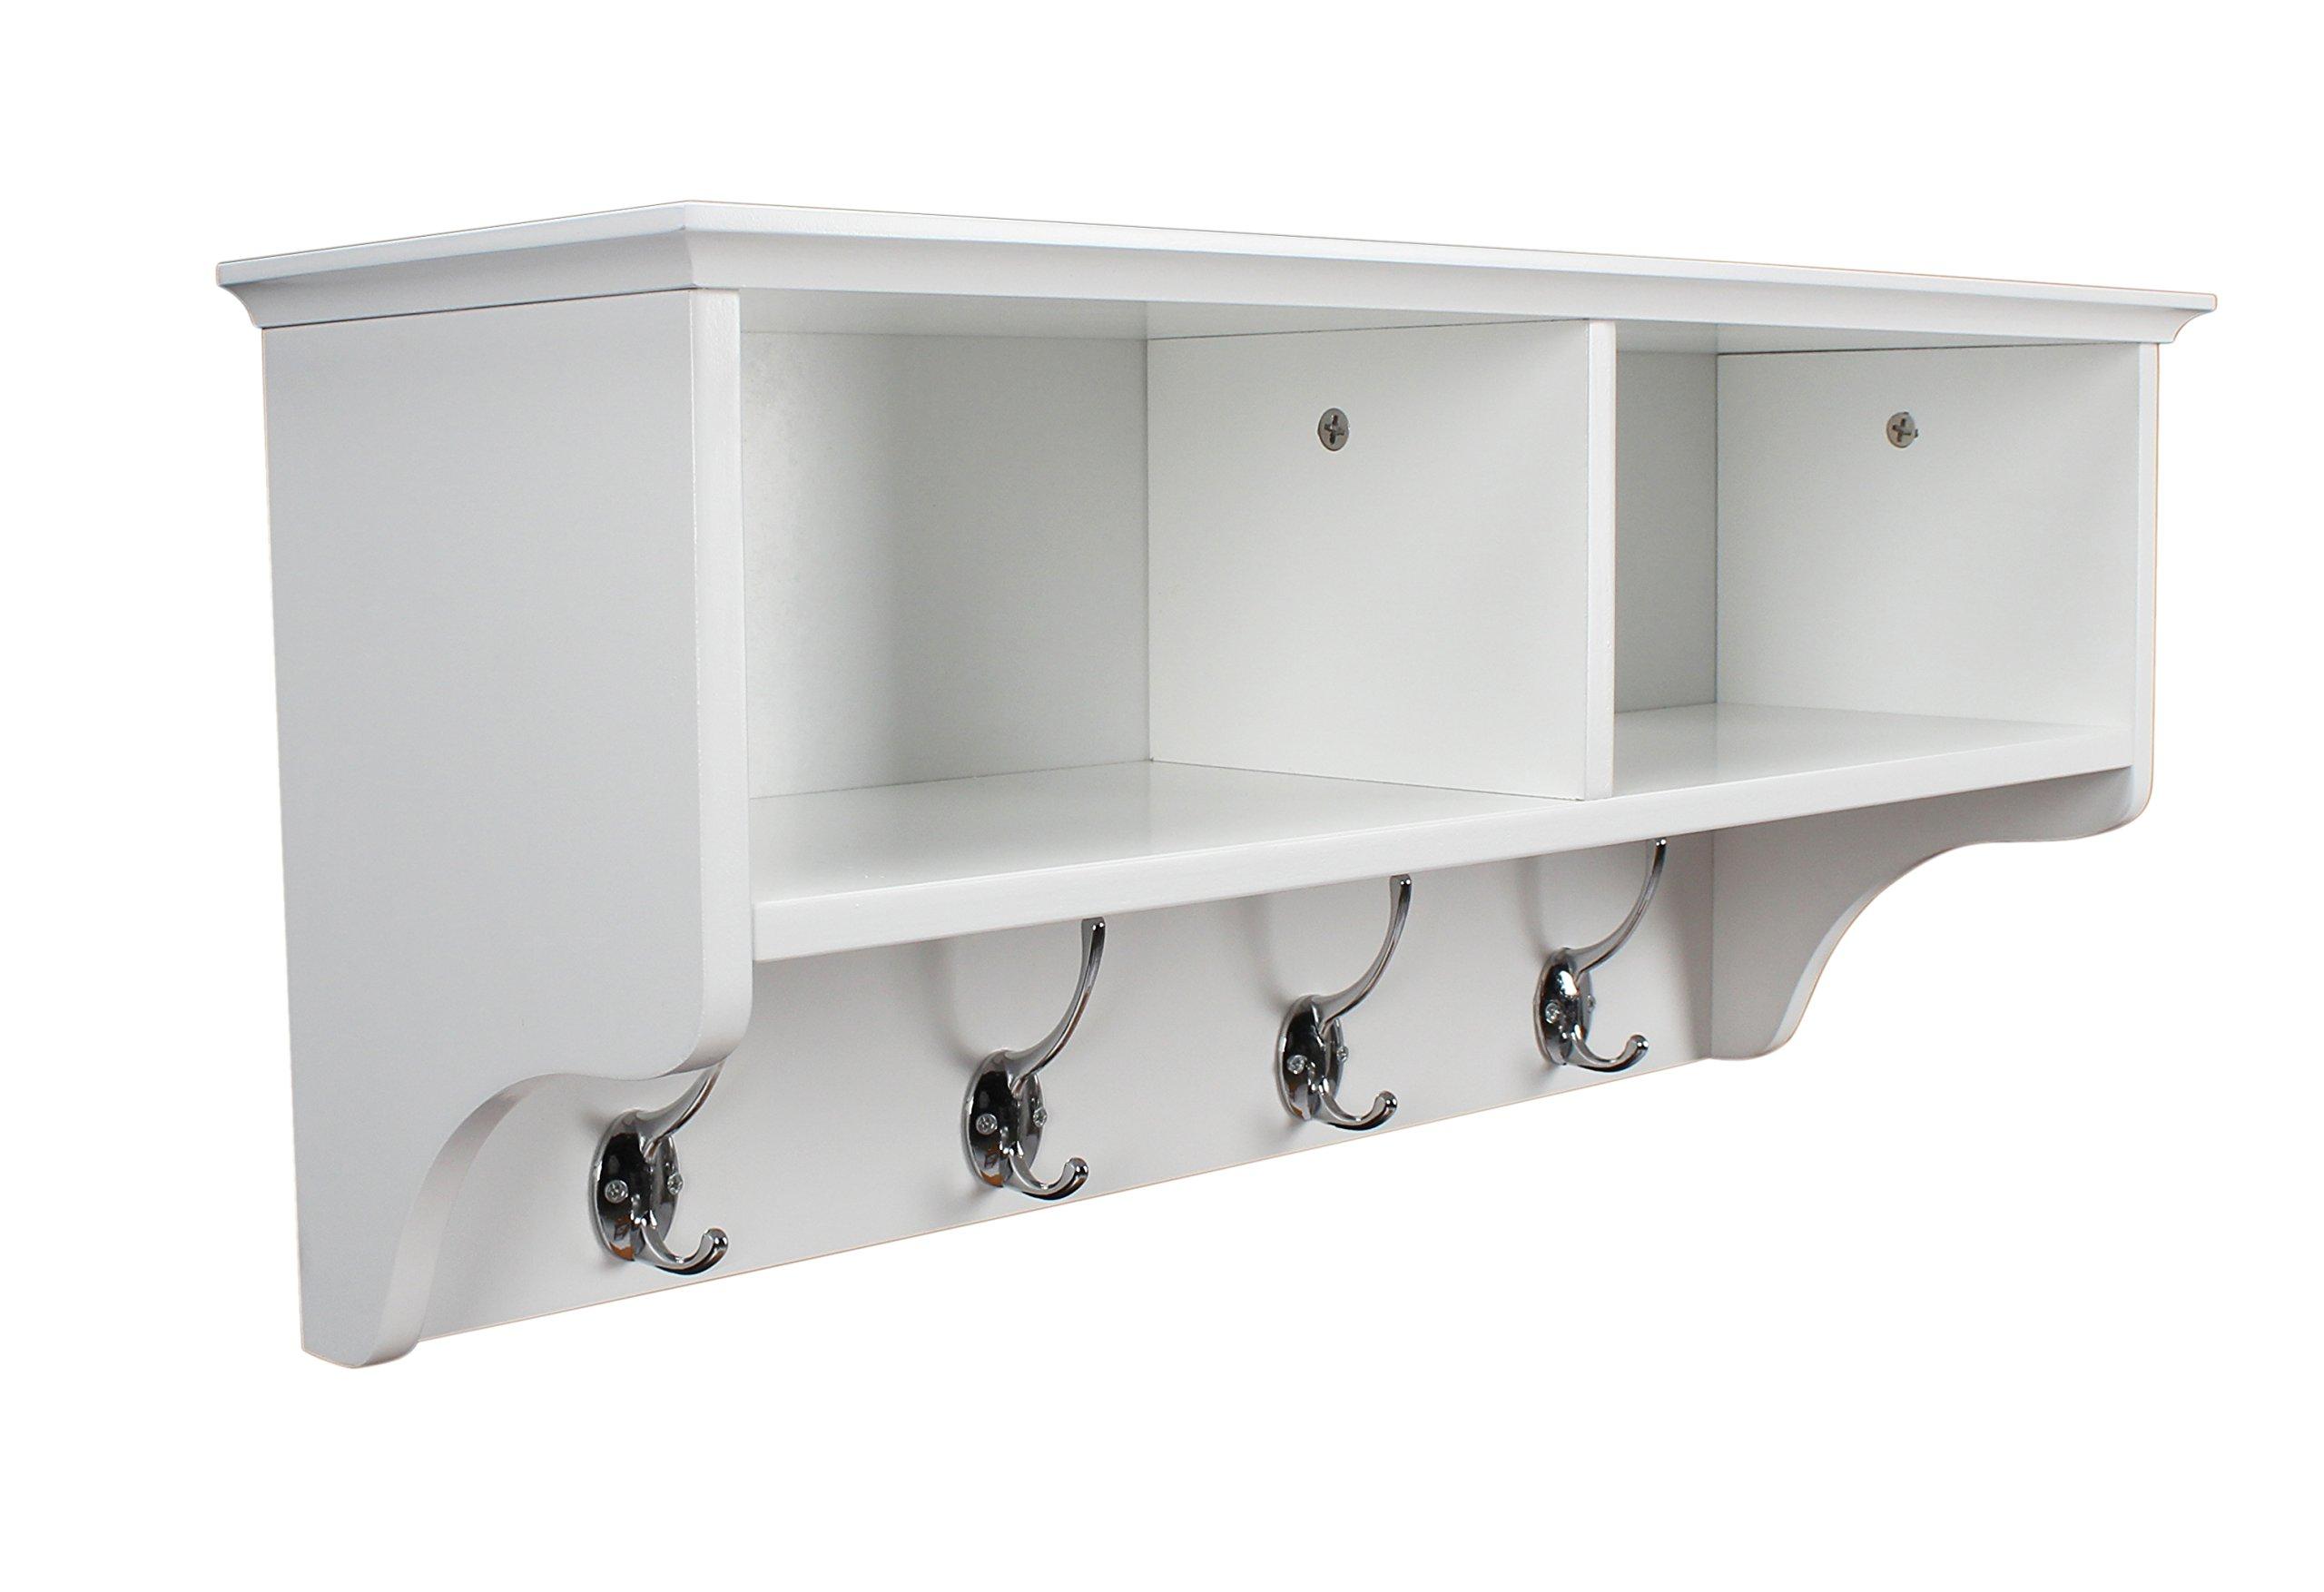 Home Source Coat Hook Wall Mounted Unit White 2 Open Shelves 4 Robe Hooks  Bathroom Hallway